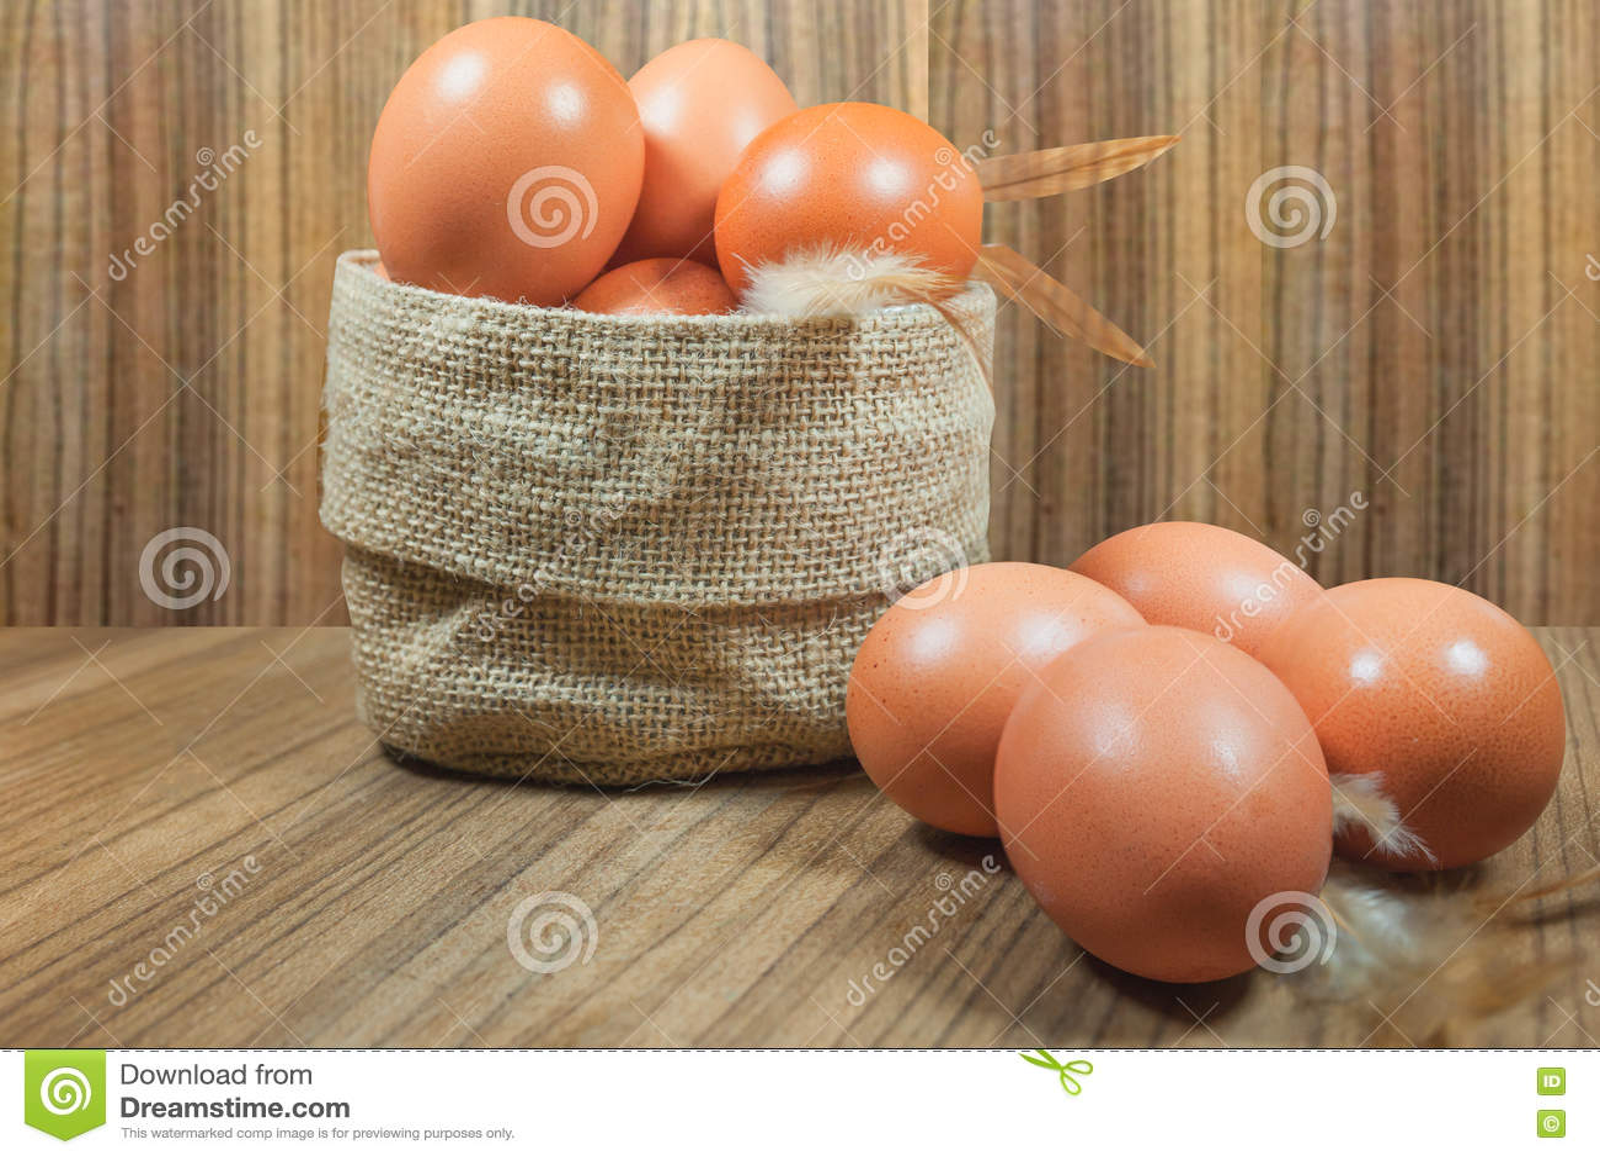 Ägg i korg på trä Ägg Ägg medf8ort rawfood